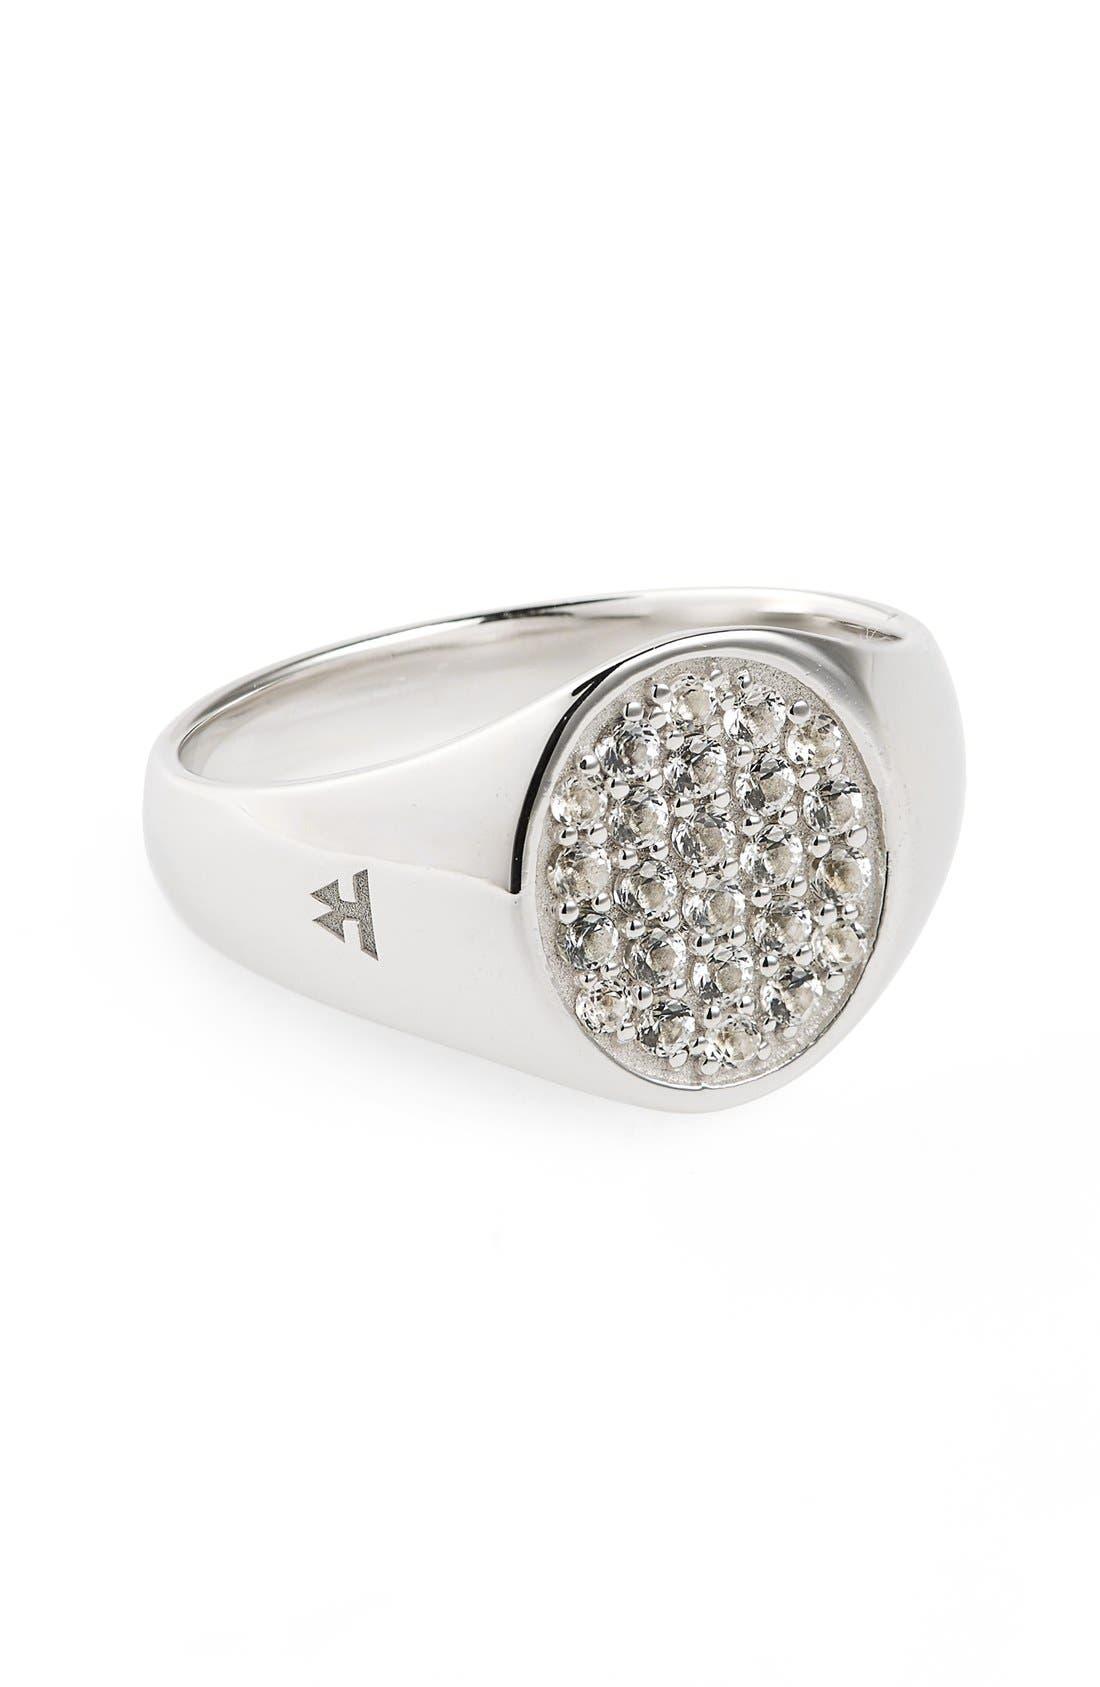 Alternate Image 1 Selected - Tom Wood Mini Oval White Topaz Signet Ring